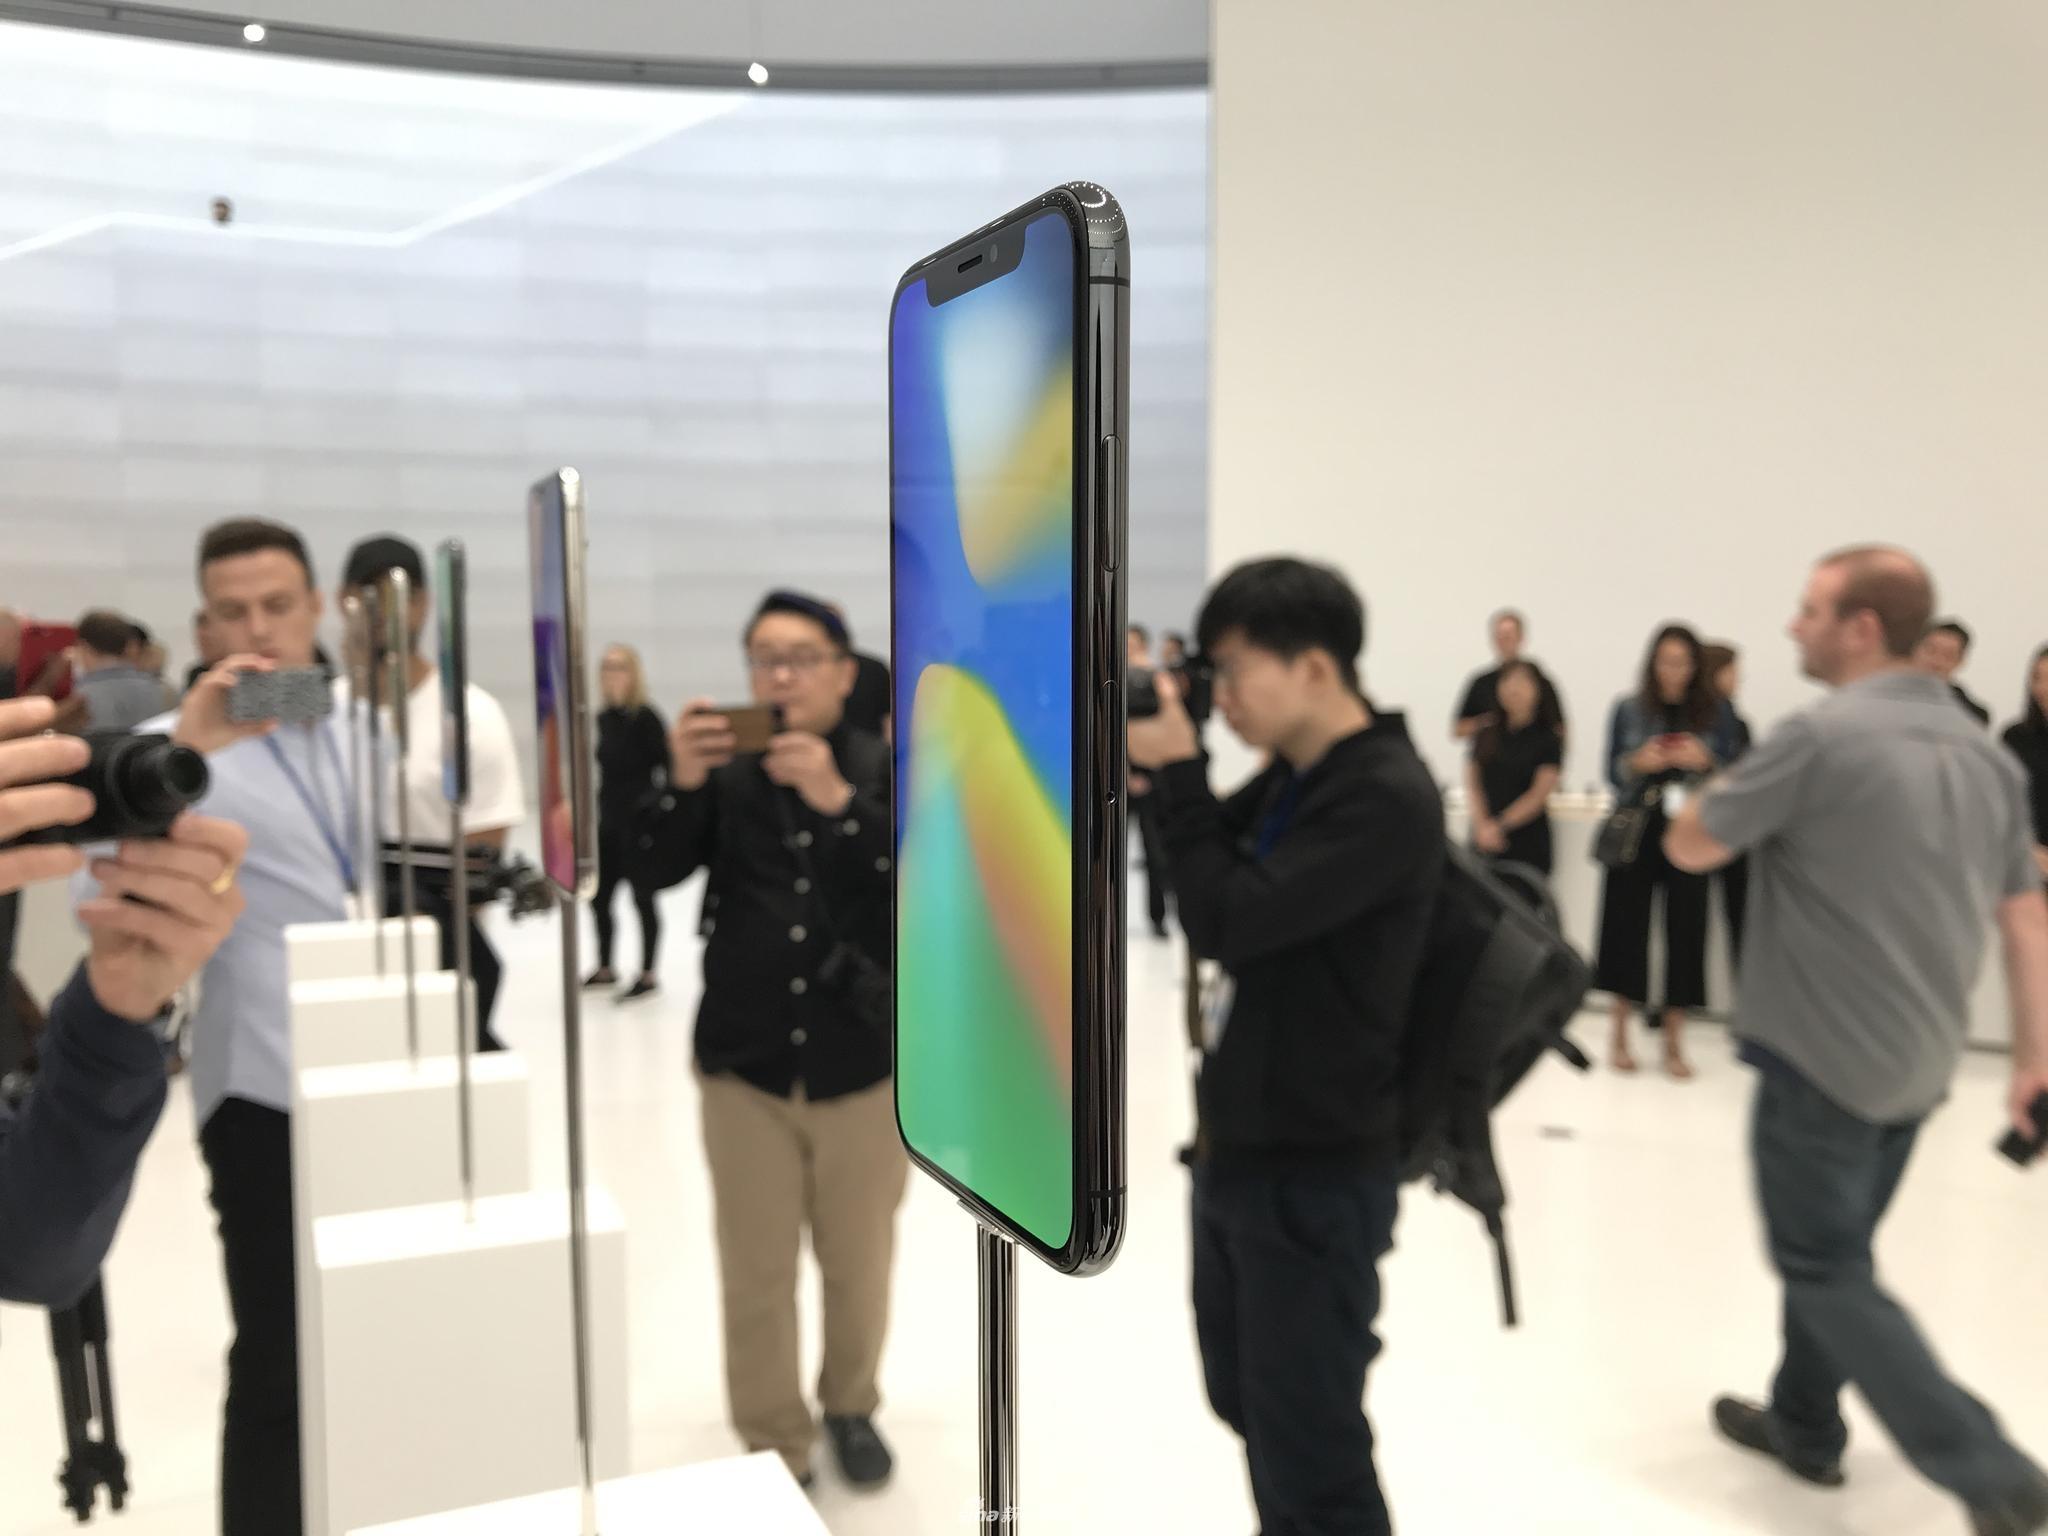 黑白正面没差别 iPhoneX真机实拍图赏(4/13)